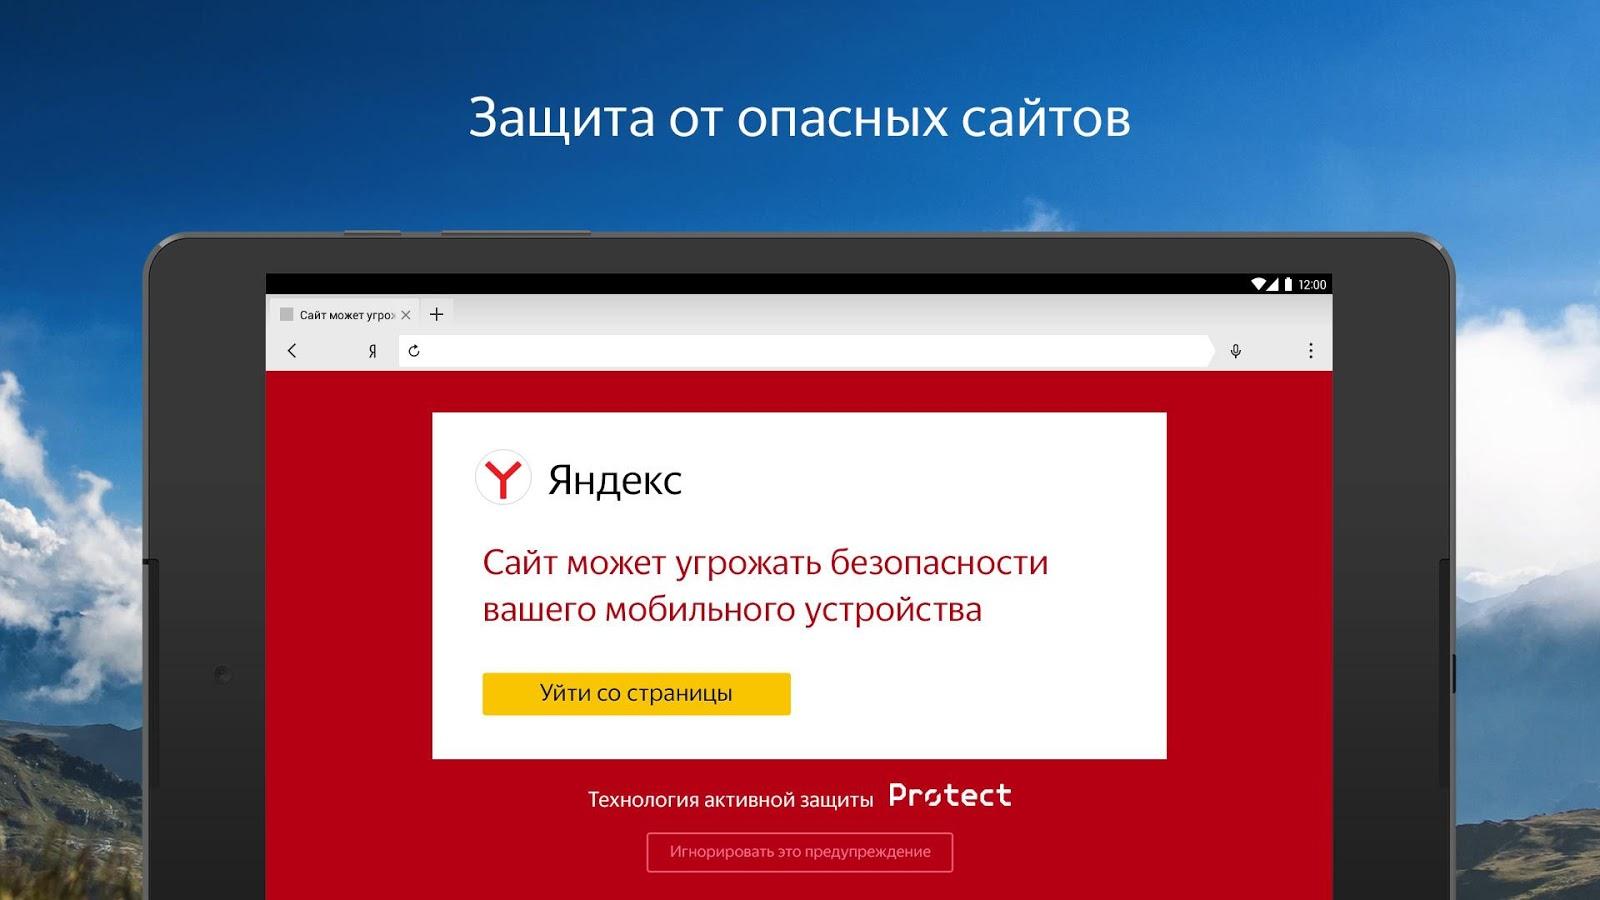 Яндекс. Браузер для android: в нужный момент просто переверни экран.